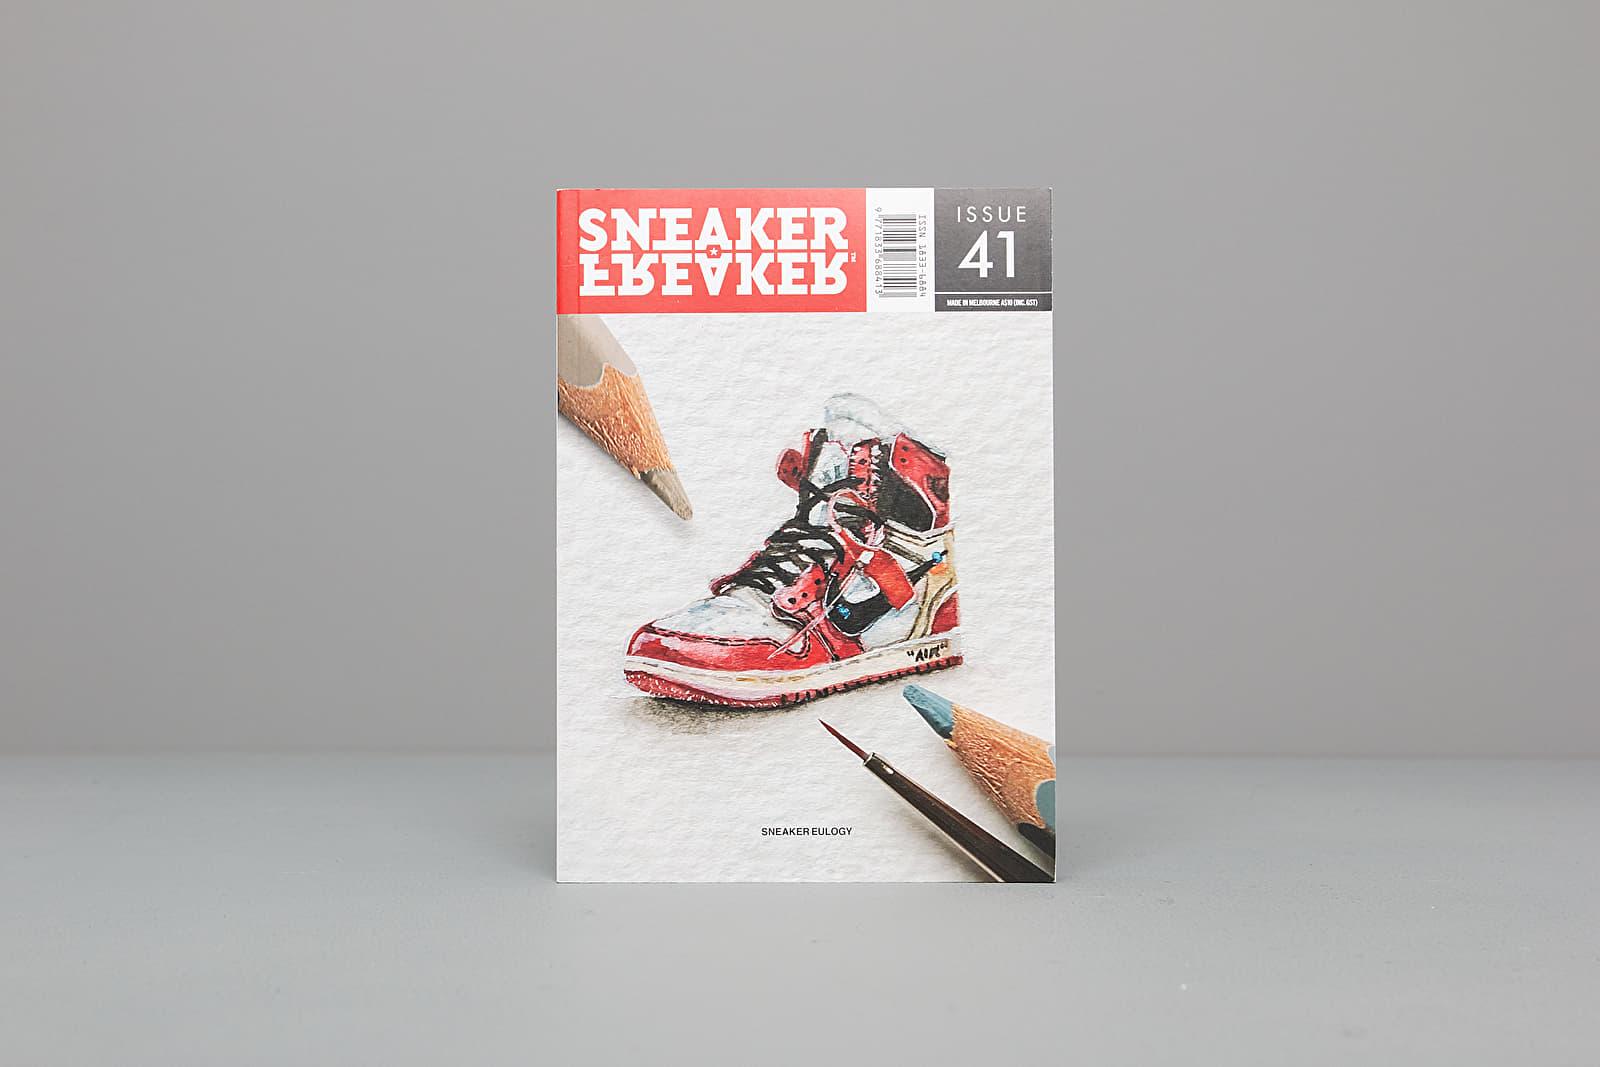 Sneaker Freaker 41